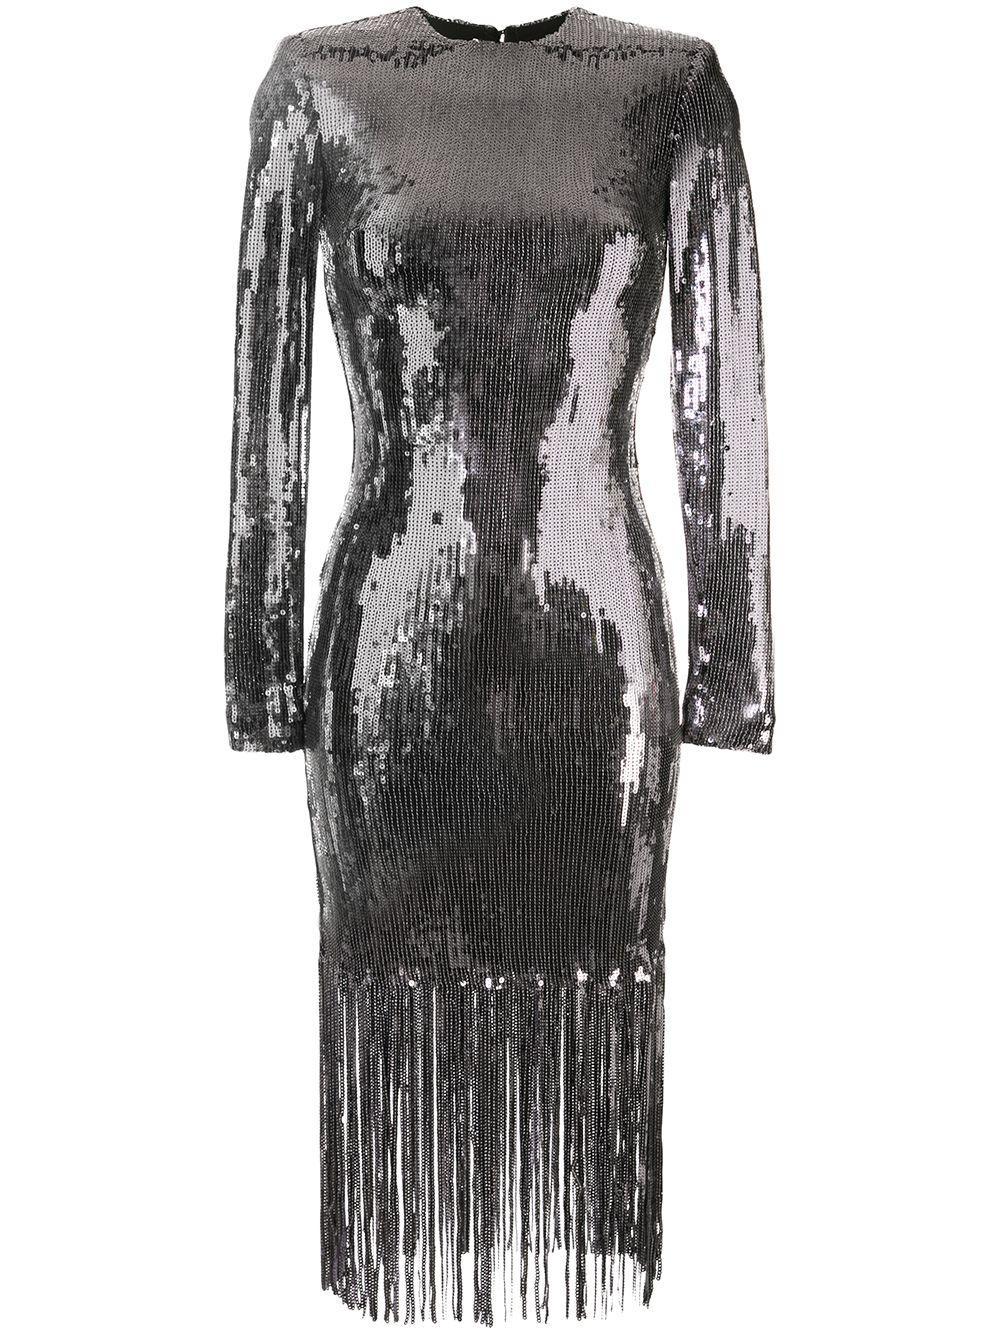 Matisse Sequin Fringe Midi Dress Item # 1904-1589